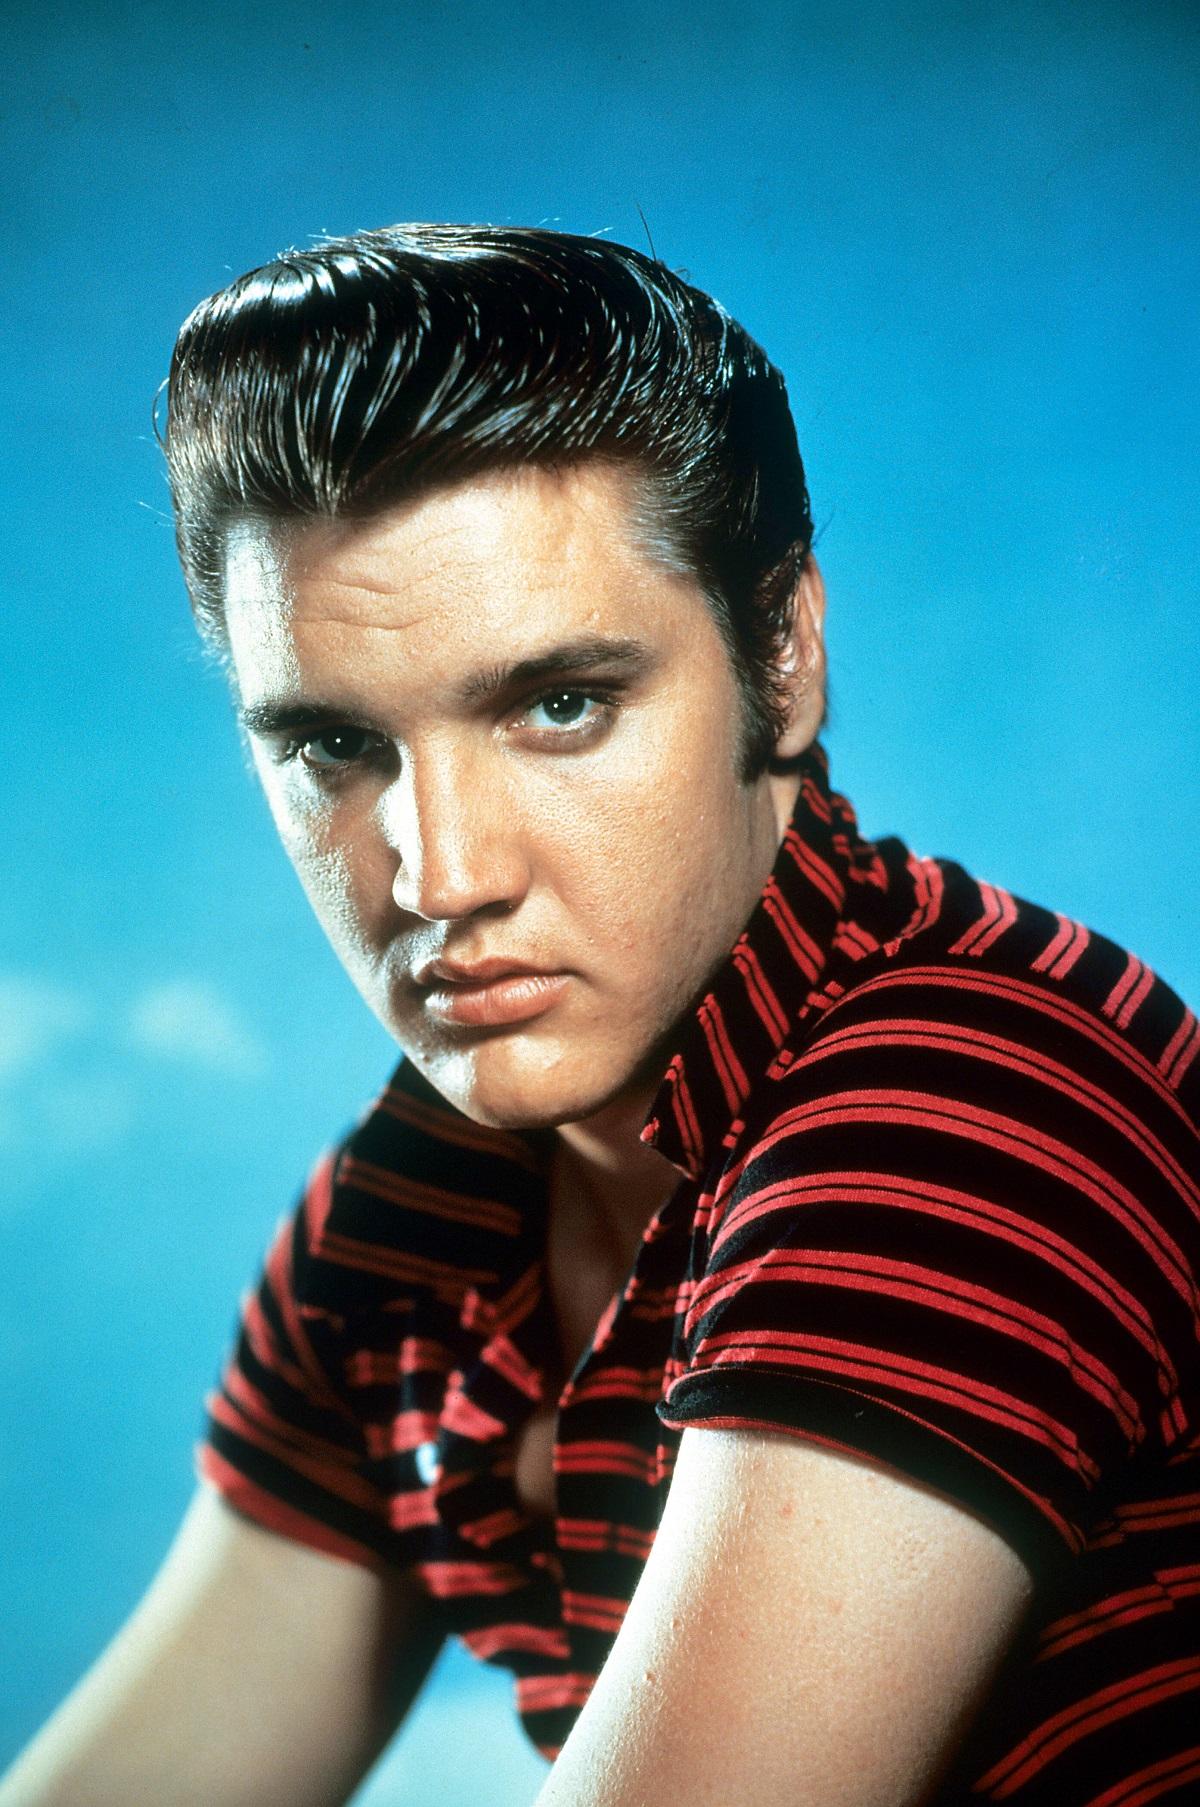 Elvis Presley in 1955